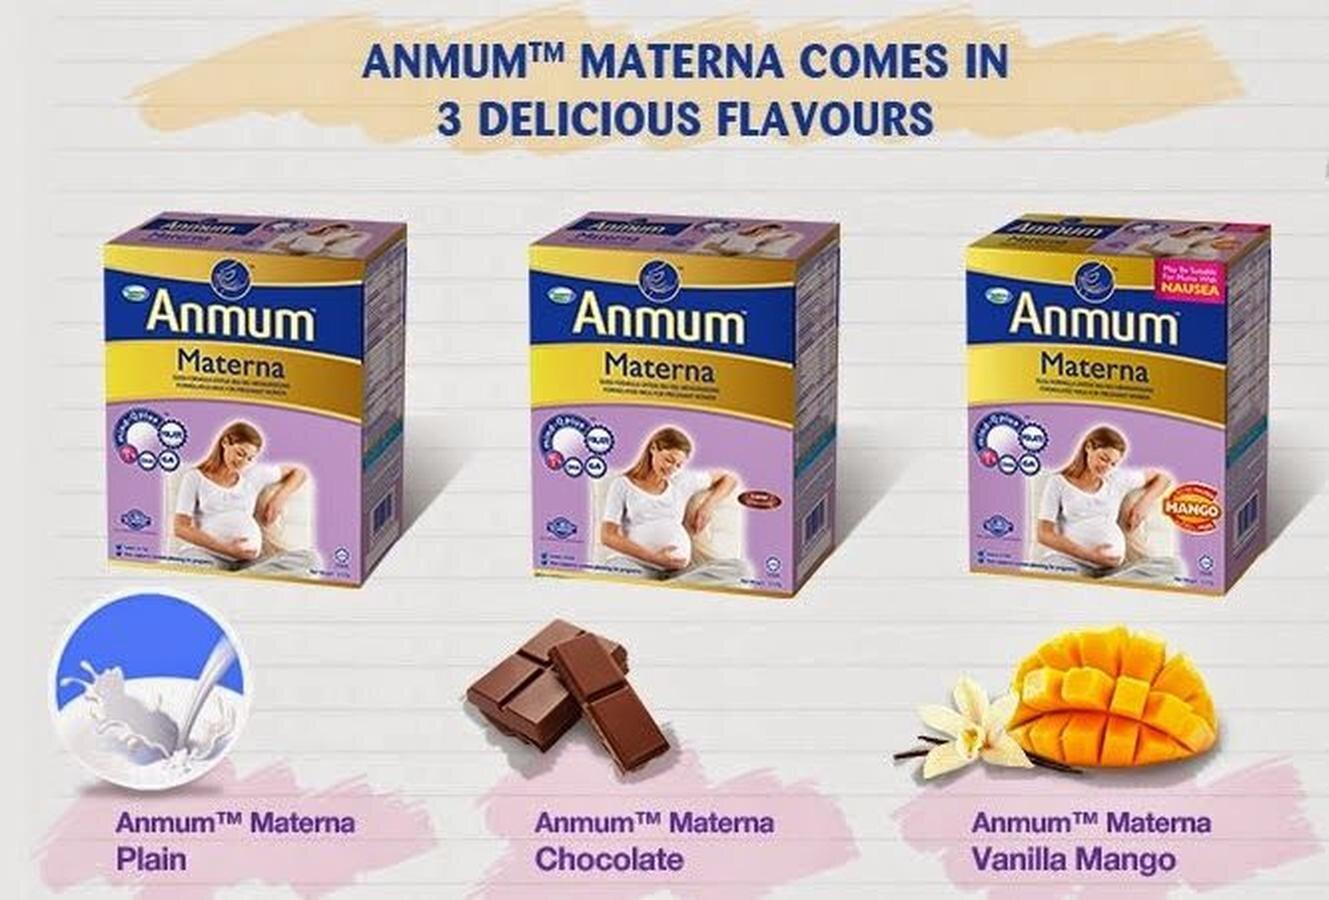 Sản phẩm đa dạng hương vị cho mẹ lựa chọn với hàm lượng dinh dưỡng cao